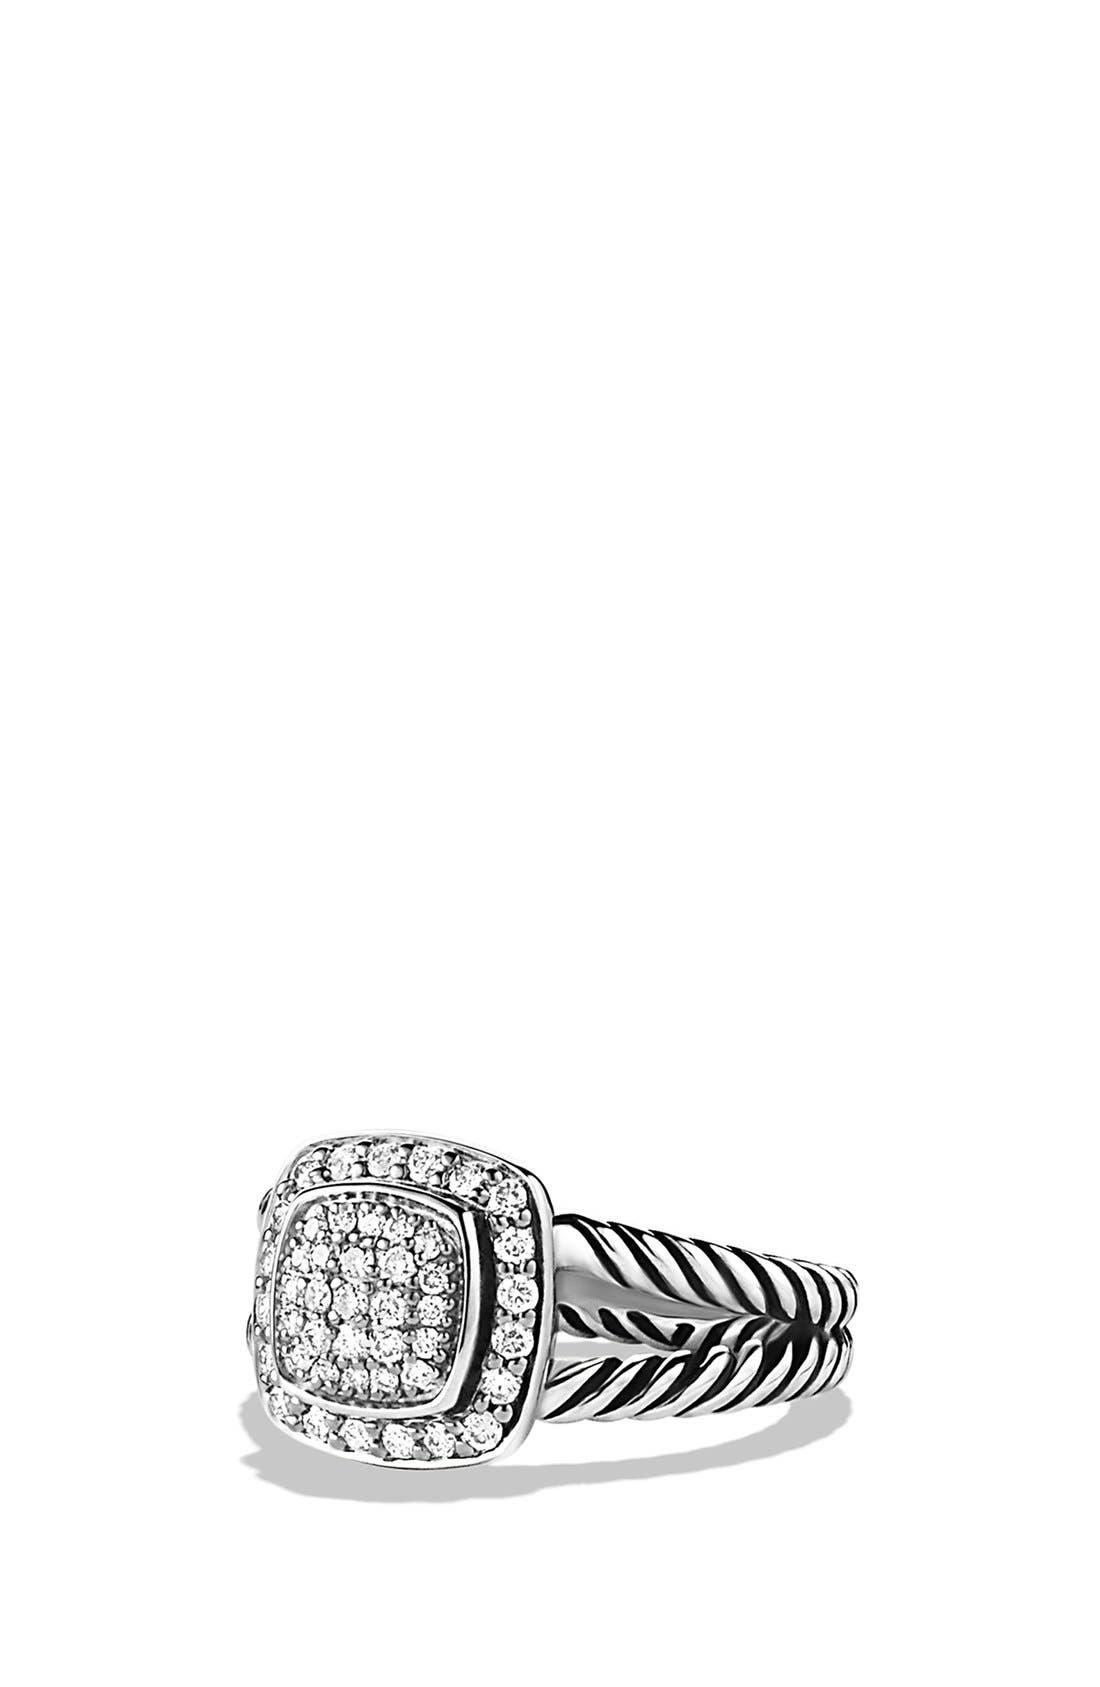 'Albion' Petite Ring with Diamonds,                         Main,                         color, Diamond